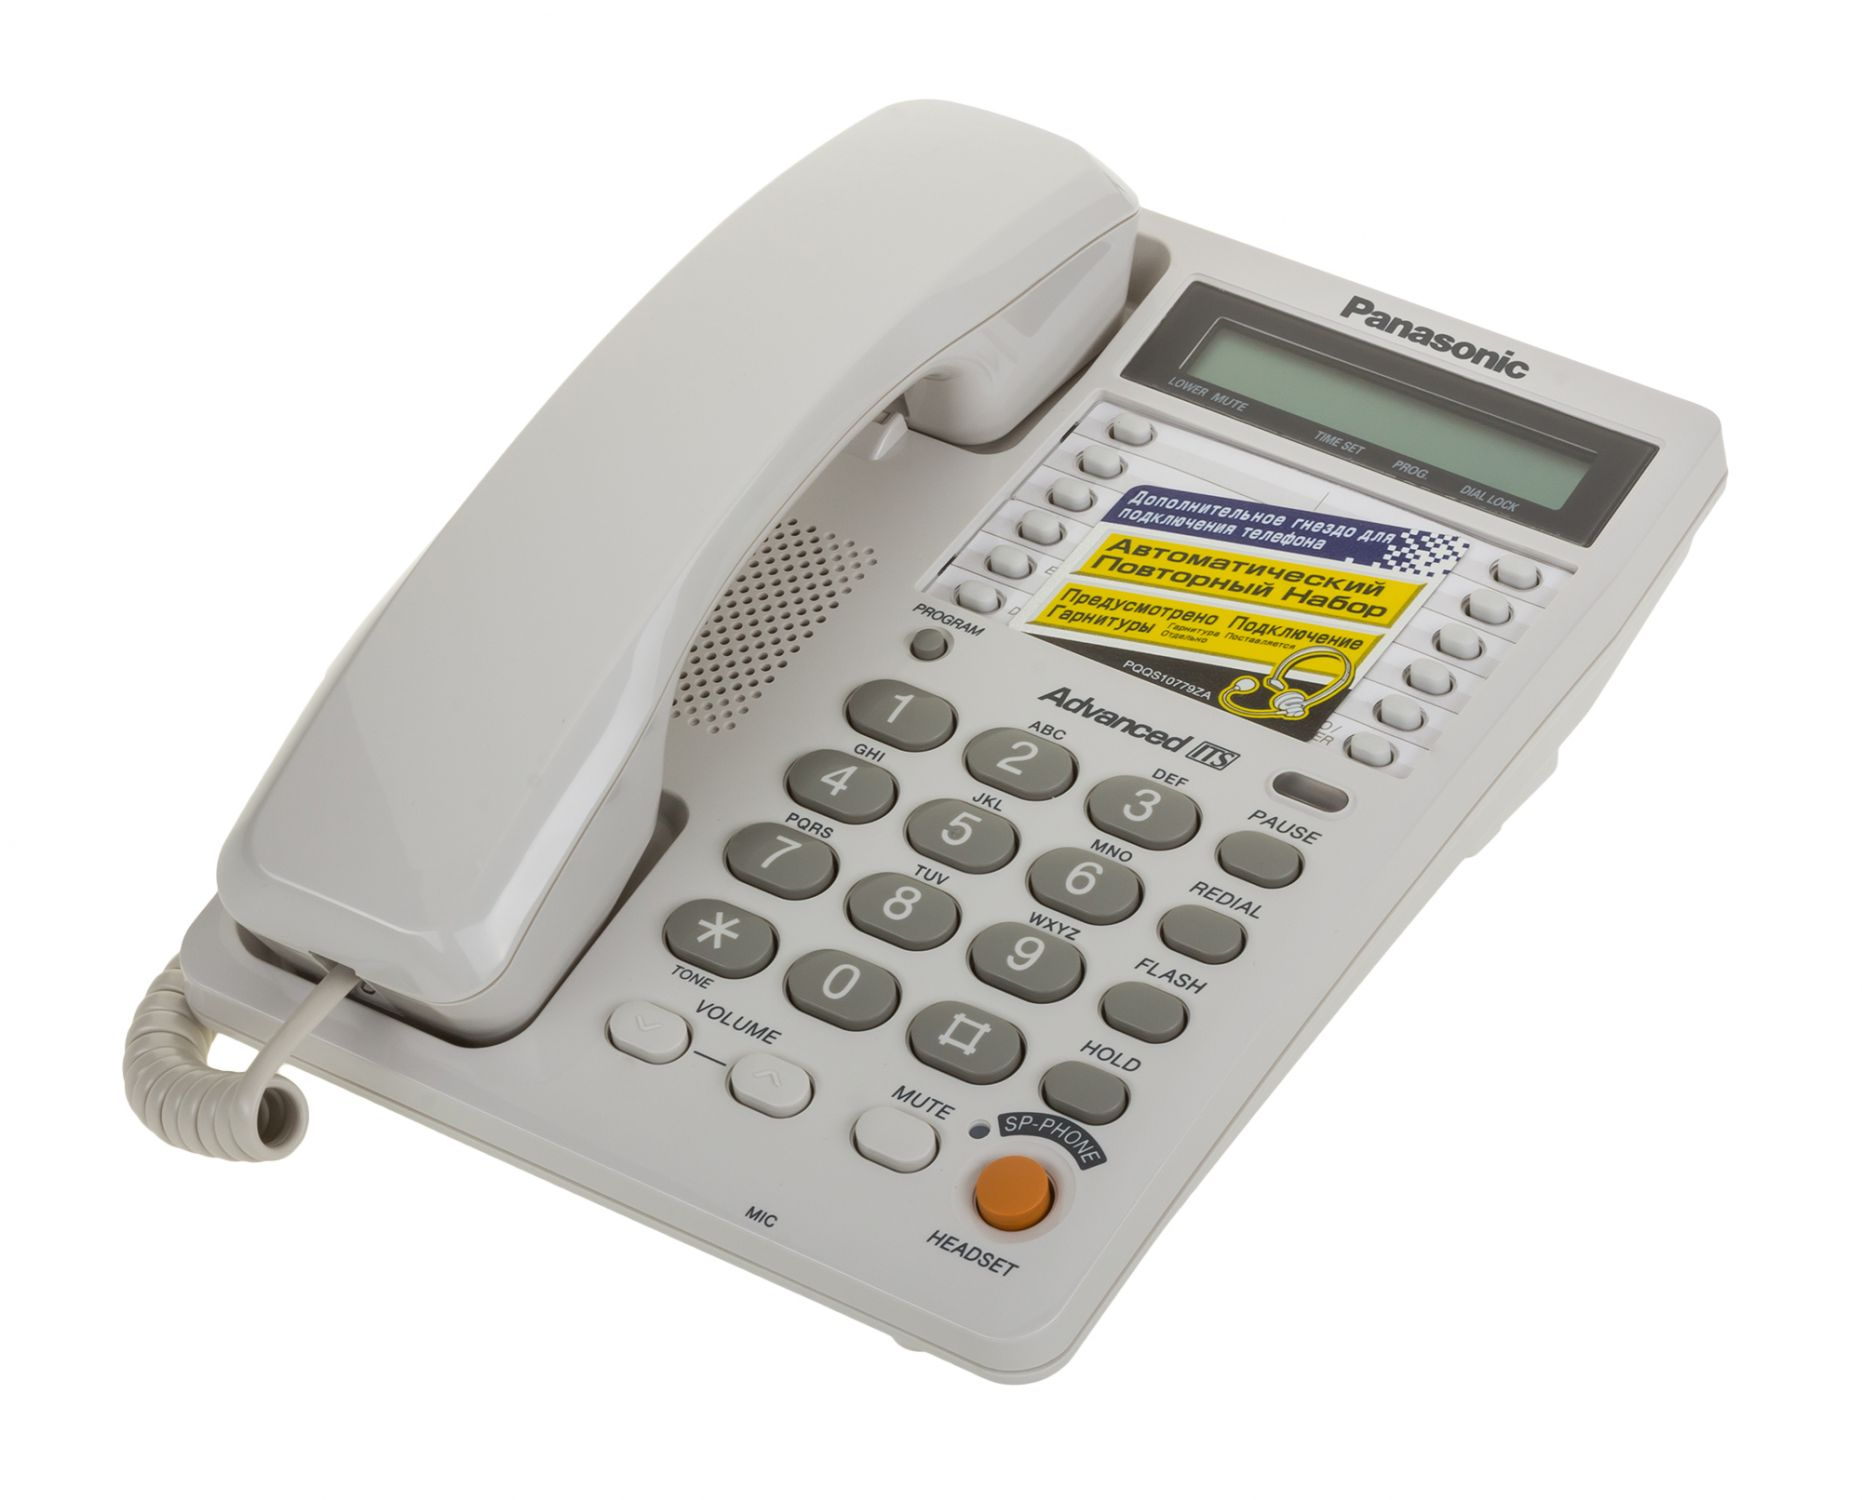 Ростелеком оплата домашнего телефона